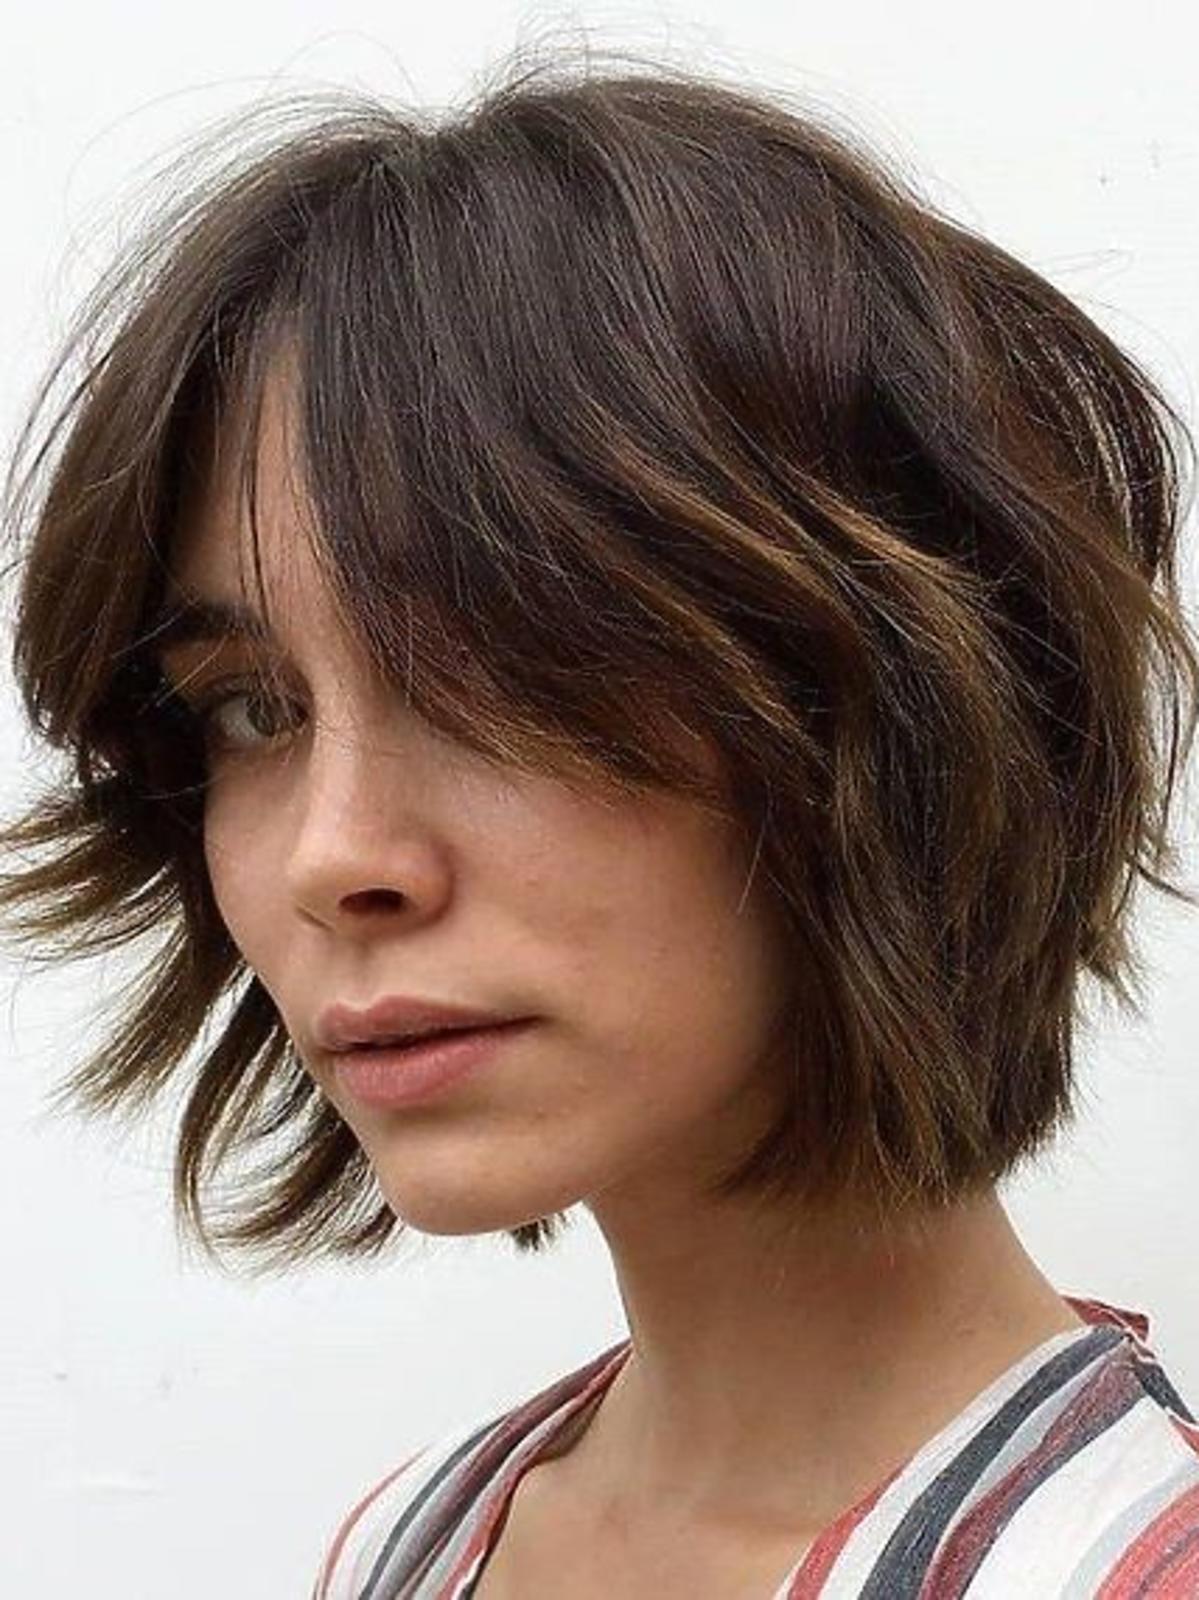 Modna fryzura - shaggy bob na bardzo krótkich włosach